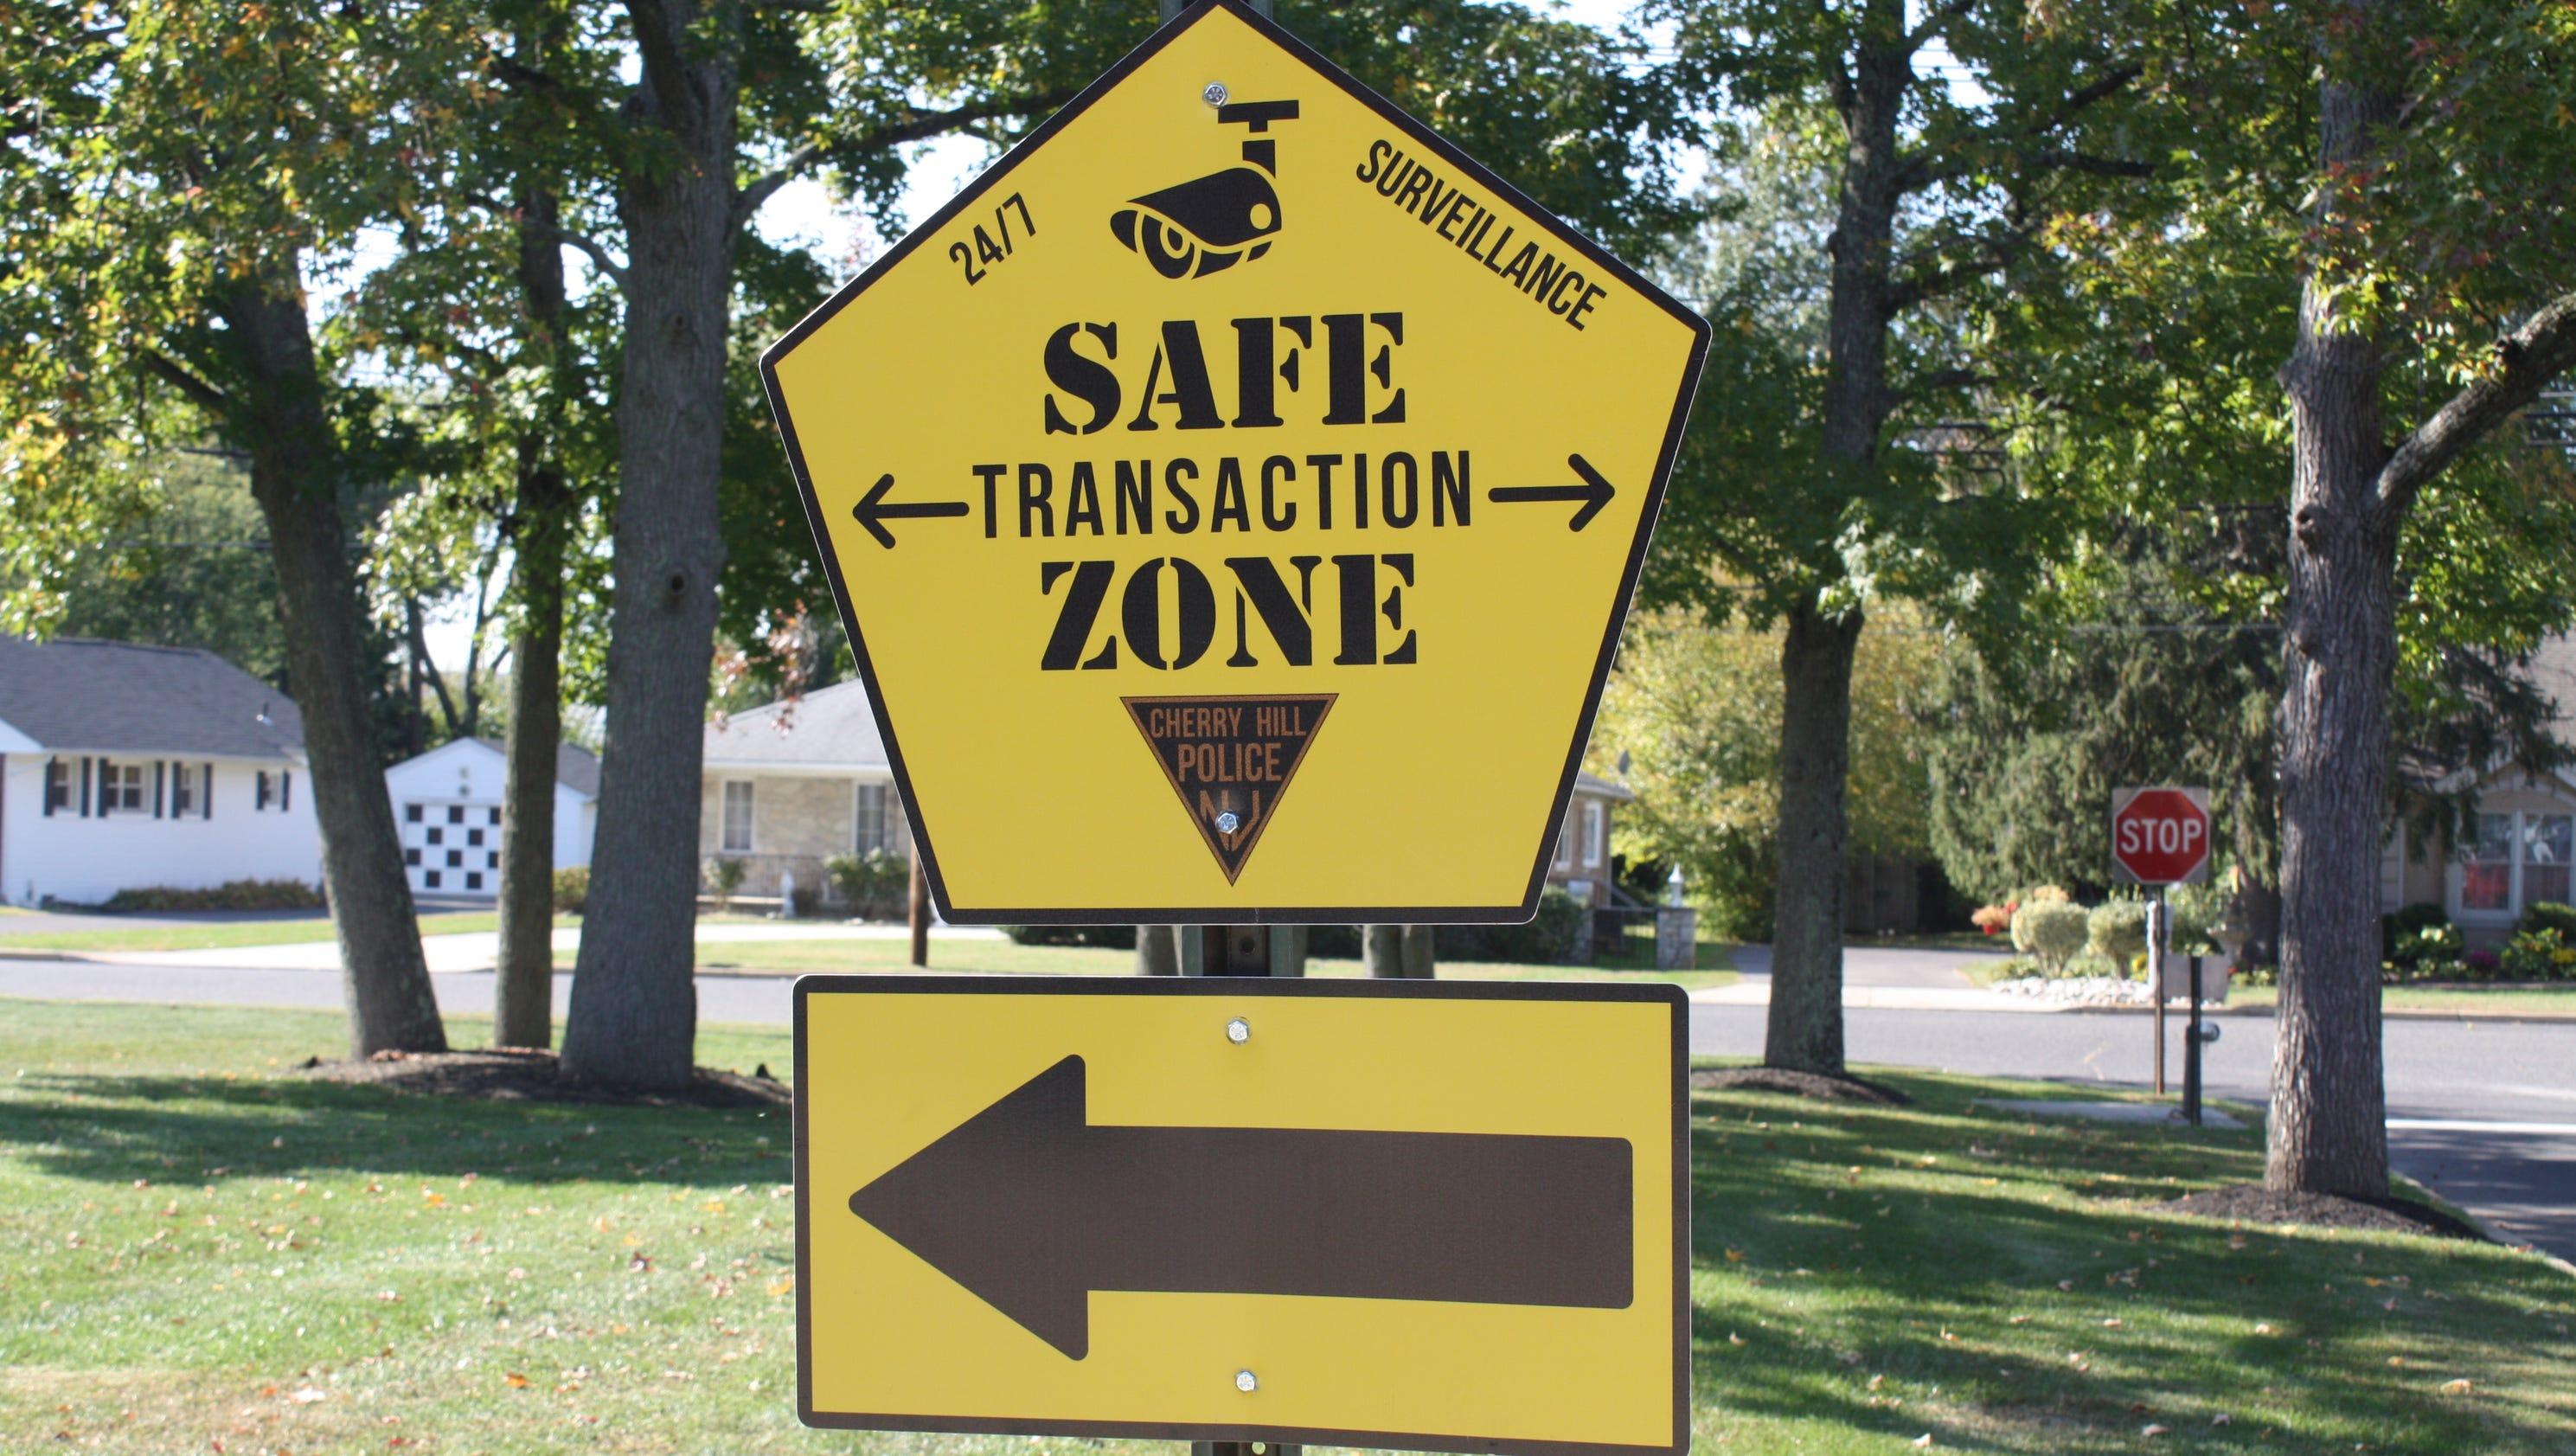 Safe Zones Set Up For Craigslist Users